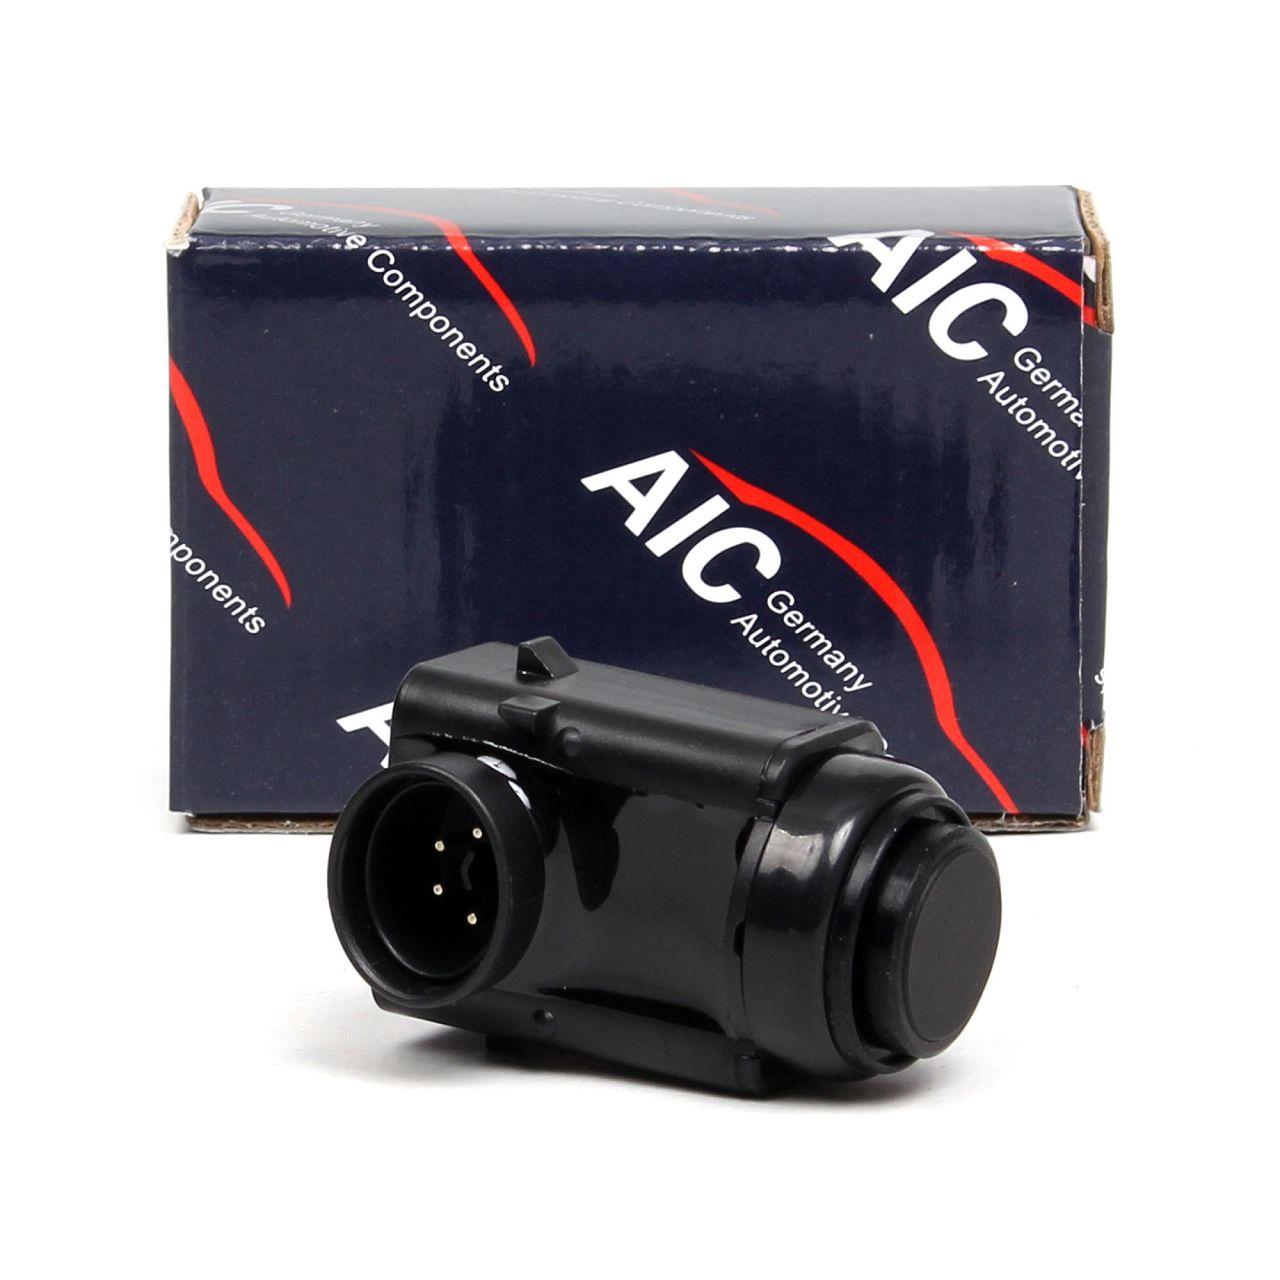 AIC Einparksensor Parksensor PDC Mercedes W203 W164 R171 hinten 00045428718